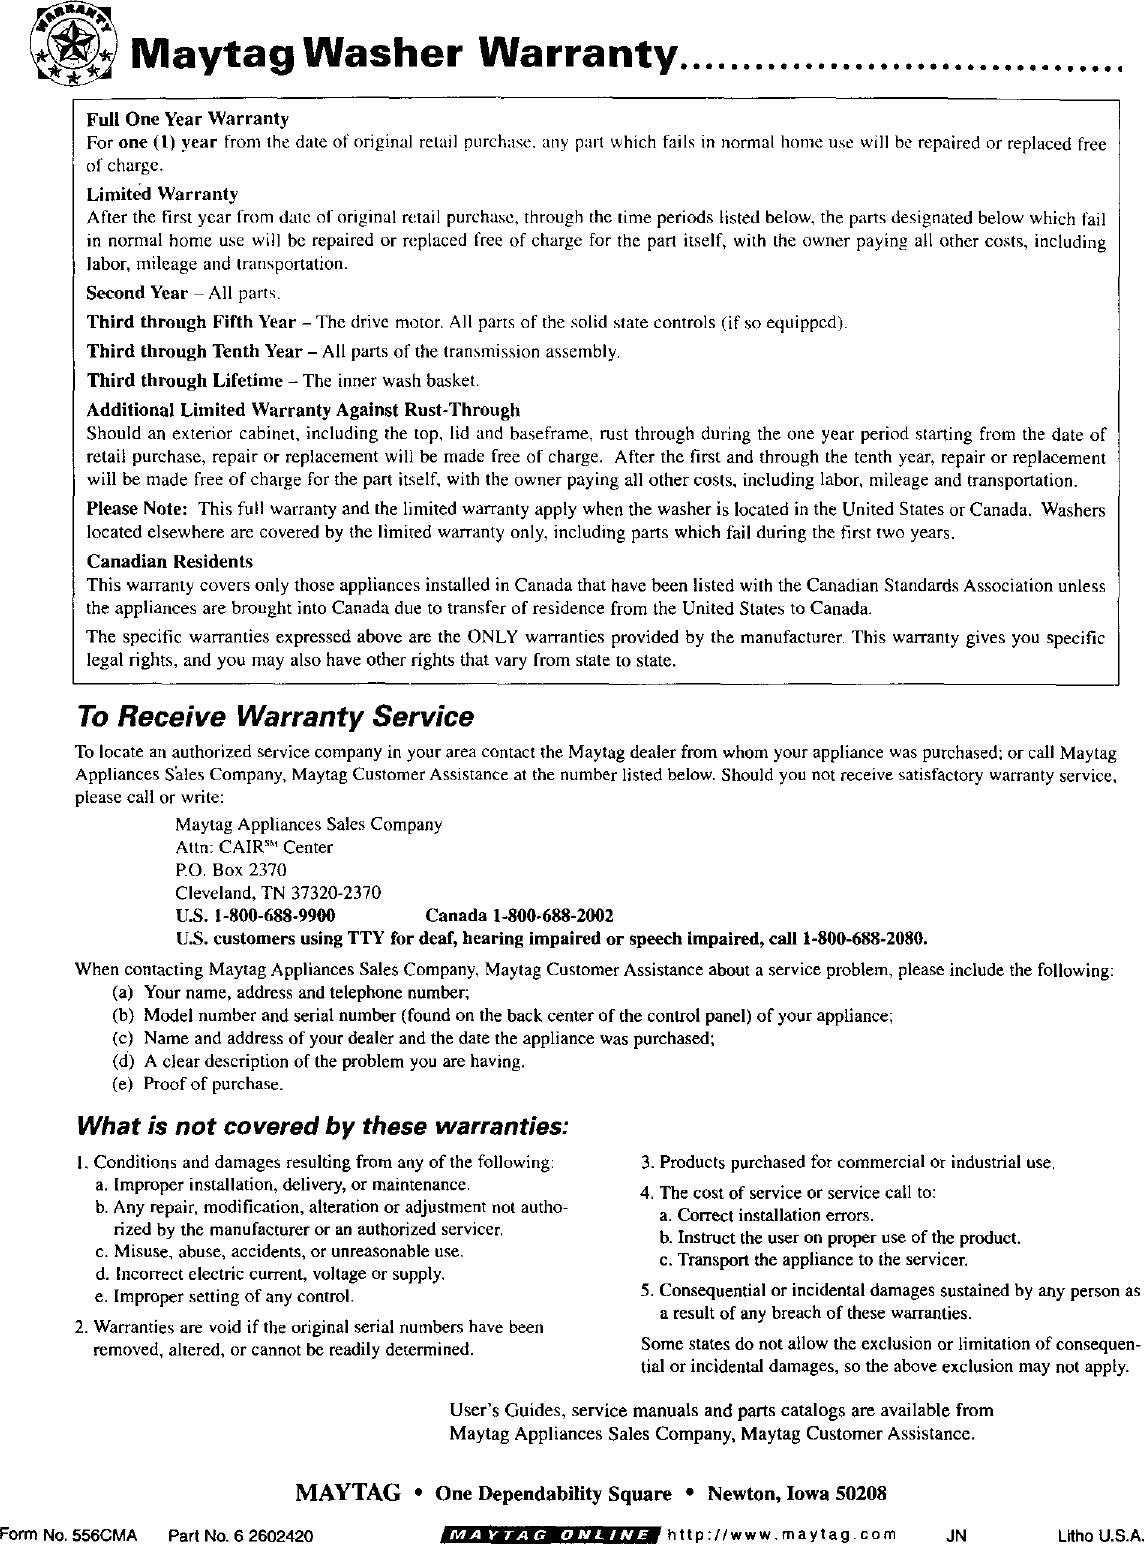 Maytag Mav5000aww User Manual Washer Manuals And Guides